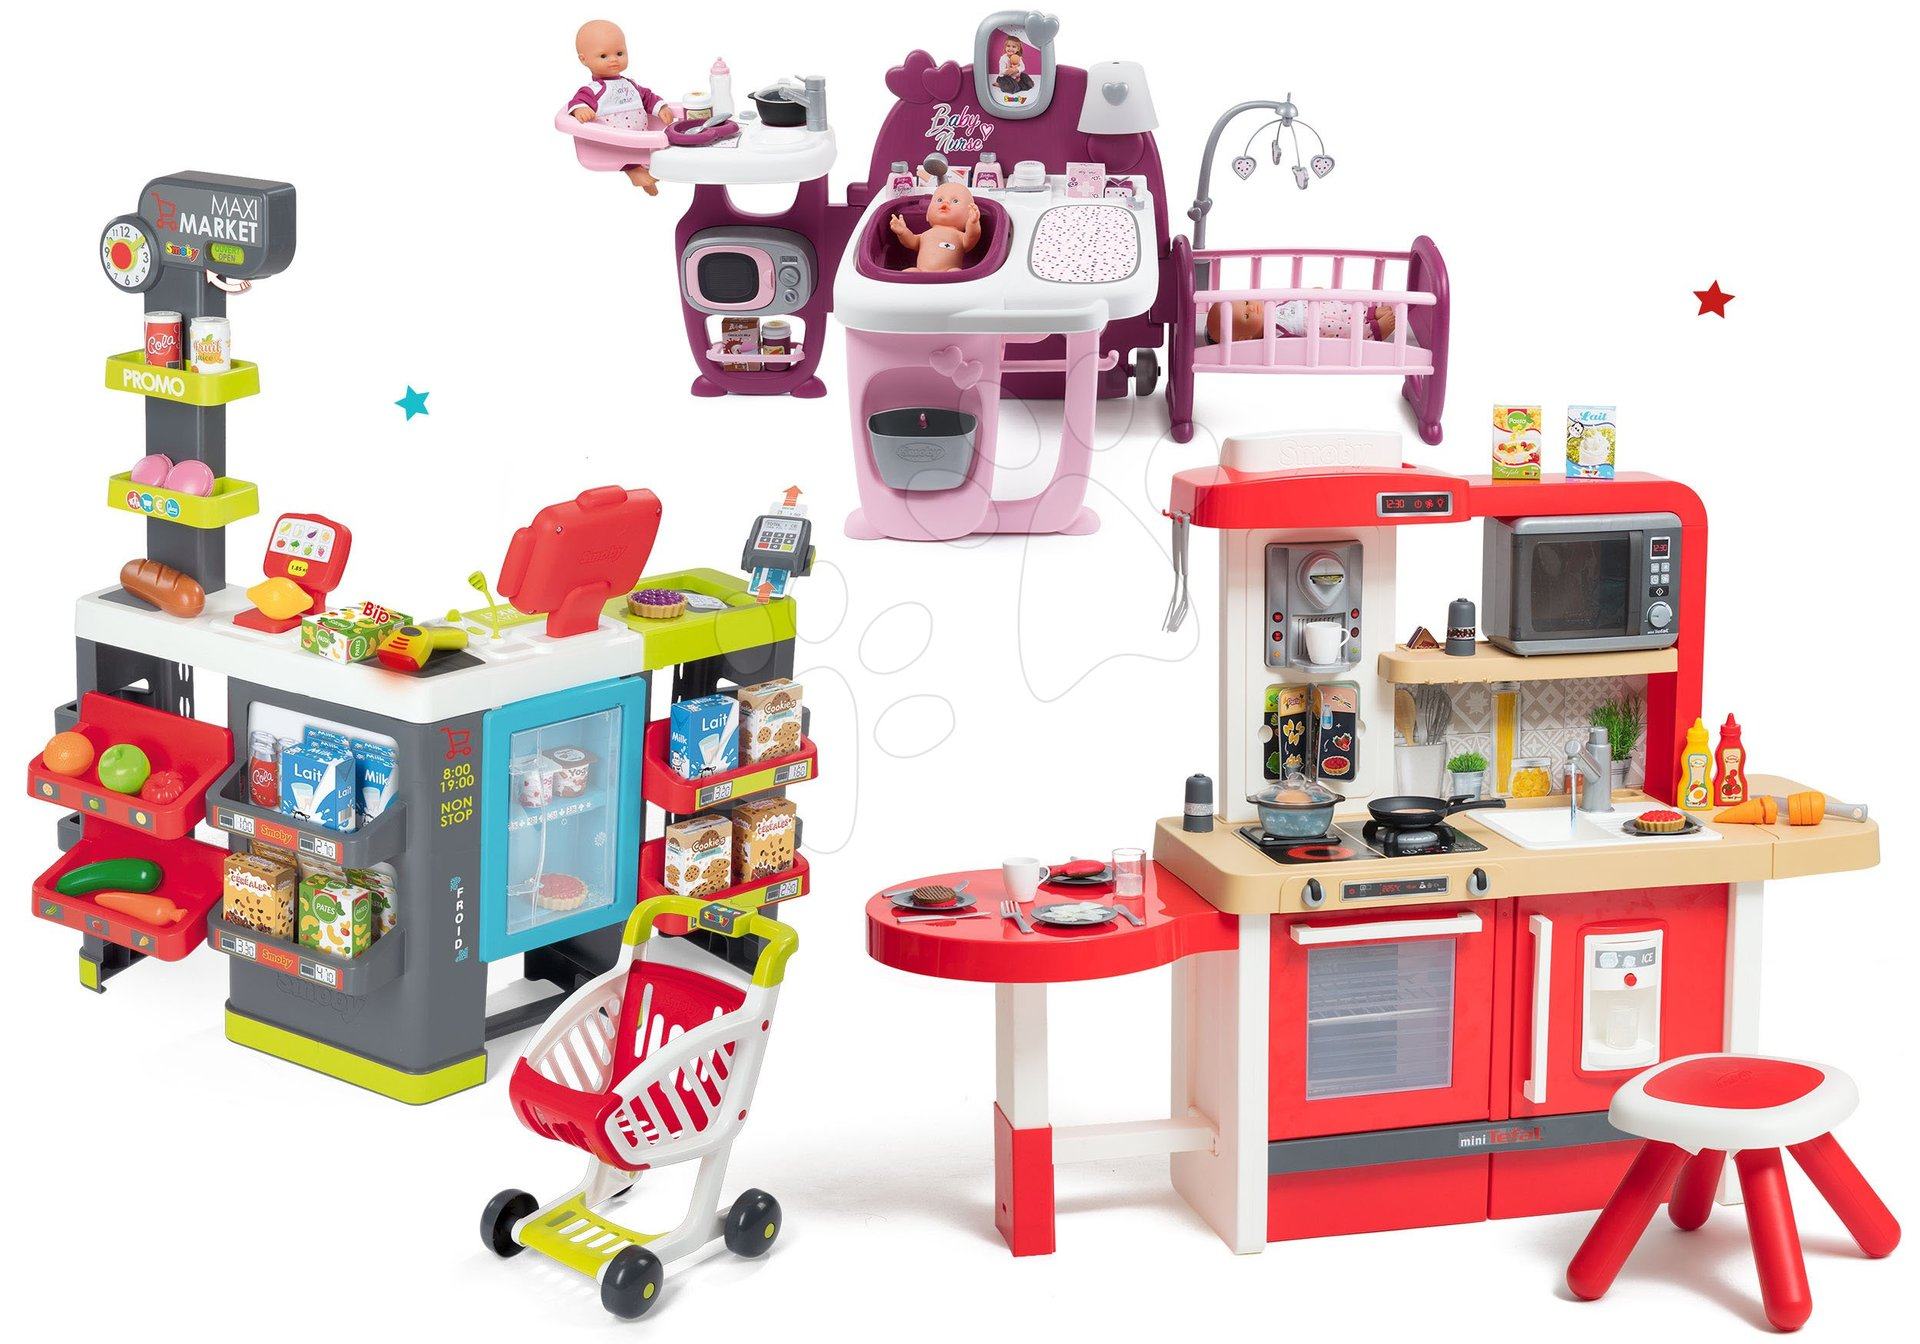 Set bucătărie de jucărie, care crește împreună cu vârsta cu apă curgătoare și microunde Tefal Evolutive Smoby și centru bebe Violette Baby Nurse și supermarket Maxi Market cu funcții electronice